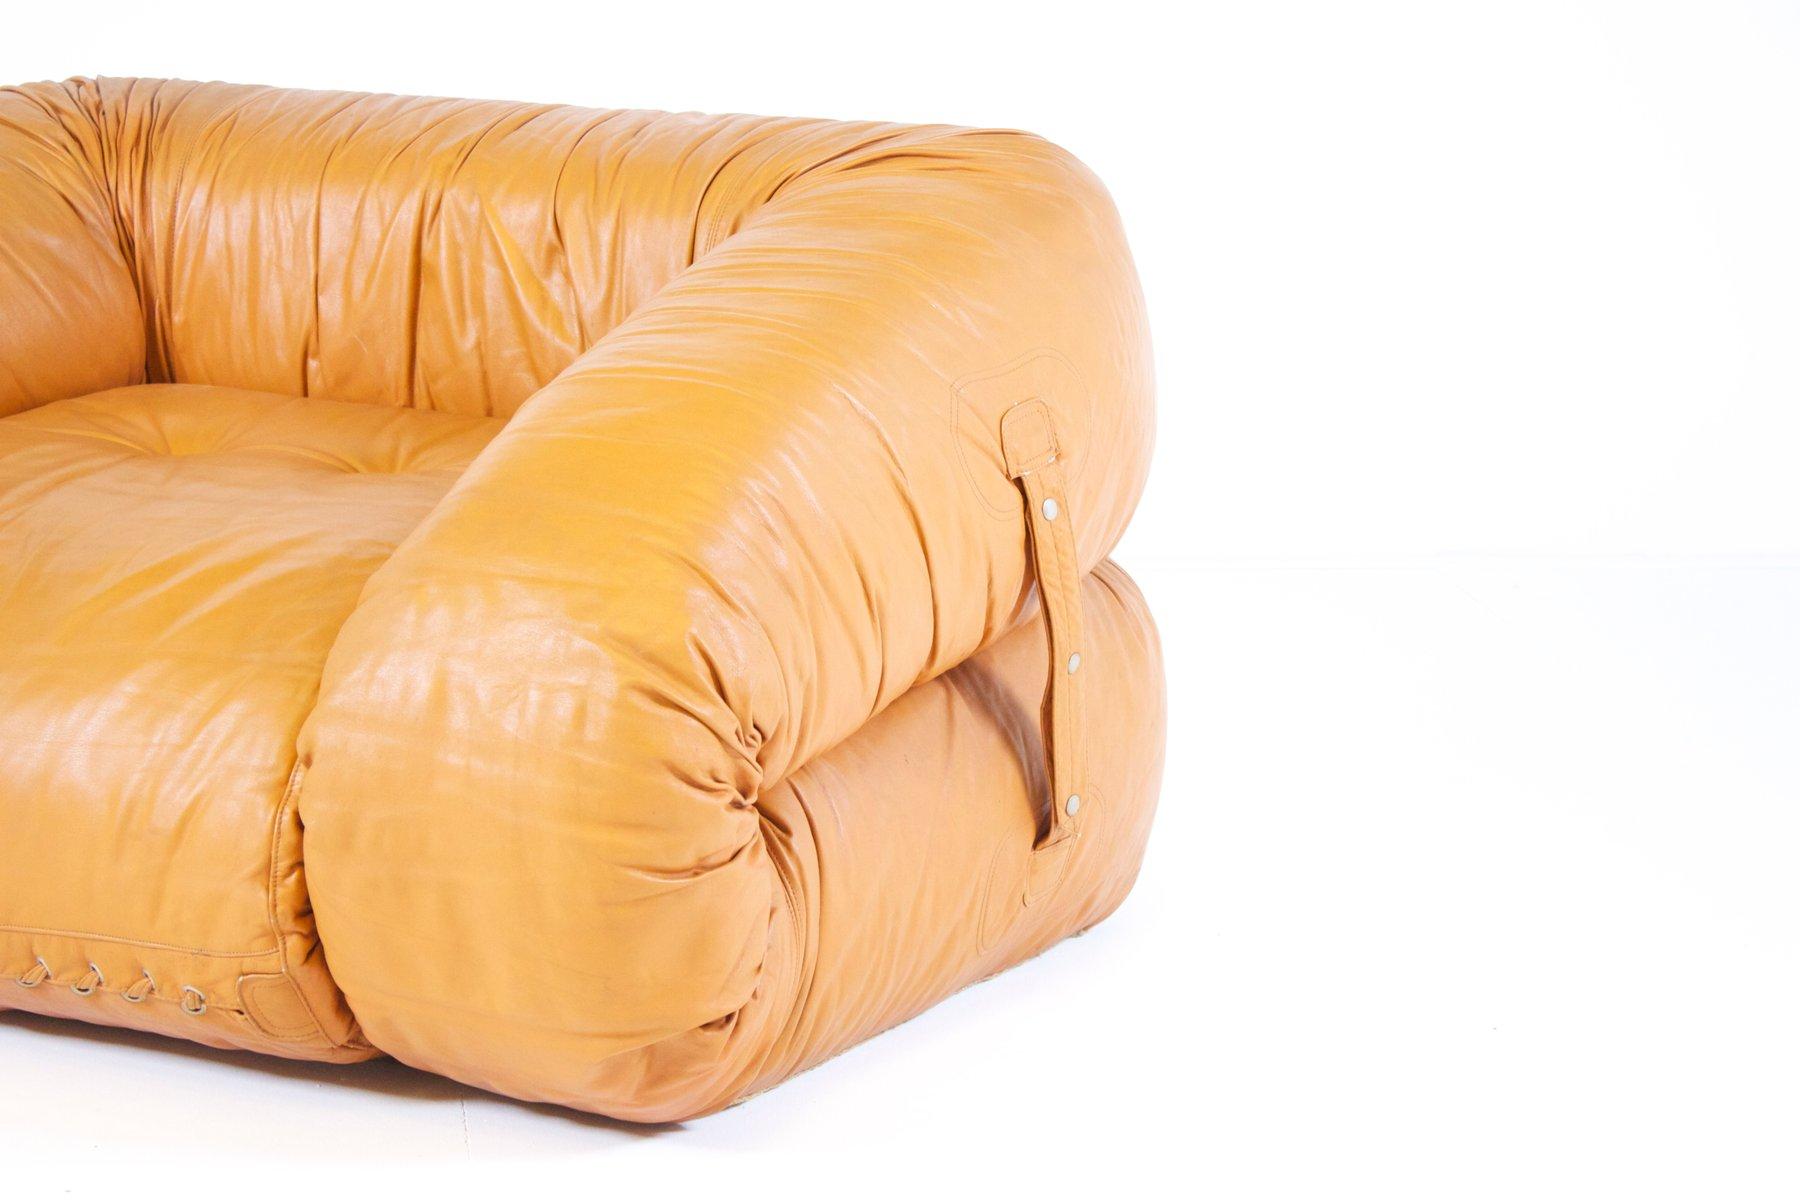 Divano letto anfibio in pelle di alessandro becchi per giovannetti italia in vendita su pamono - Divano letto in pelle ...